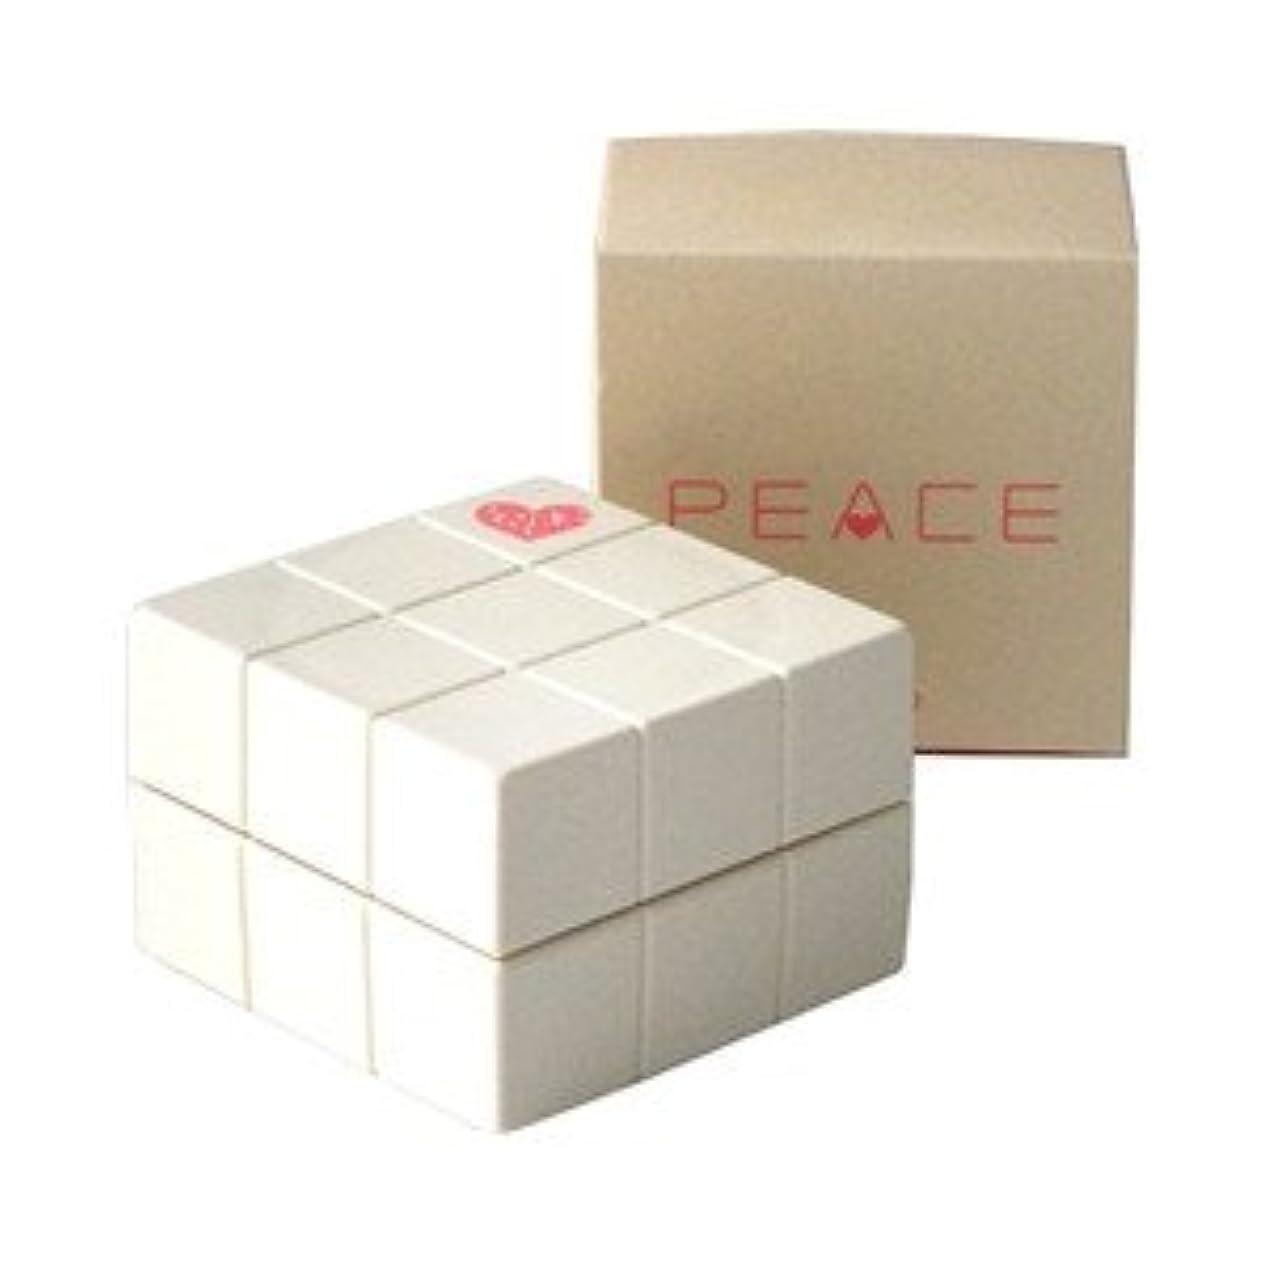 参照するアヒル地区アリミノ ピース プロデザイン ニュアンスワックス40g ×2個 セット arimino PEACE